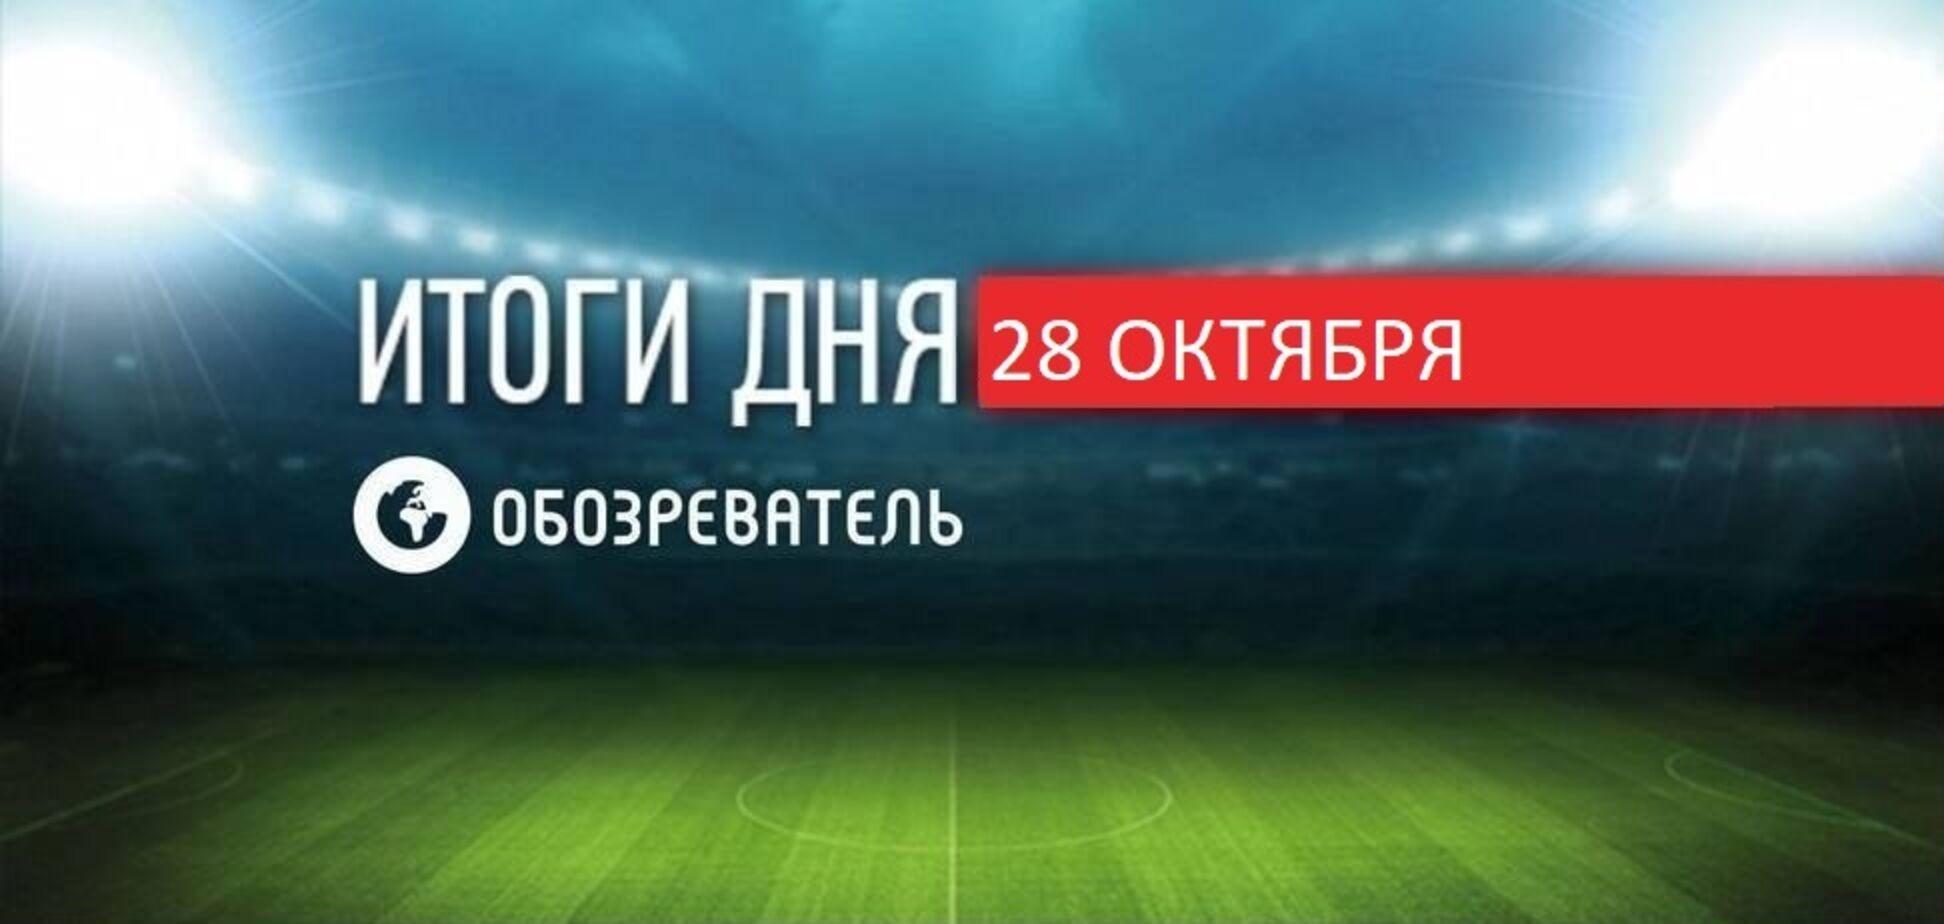 Пьяный украинский футболист устроил массовое ДТП: спортивные итоги 28 октября